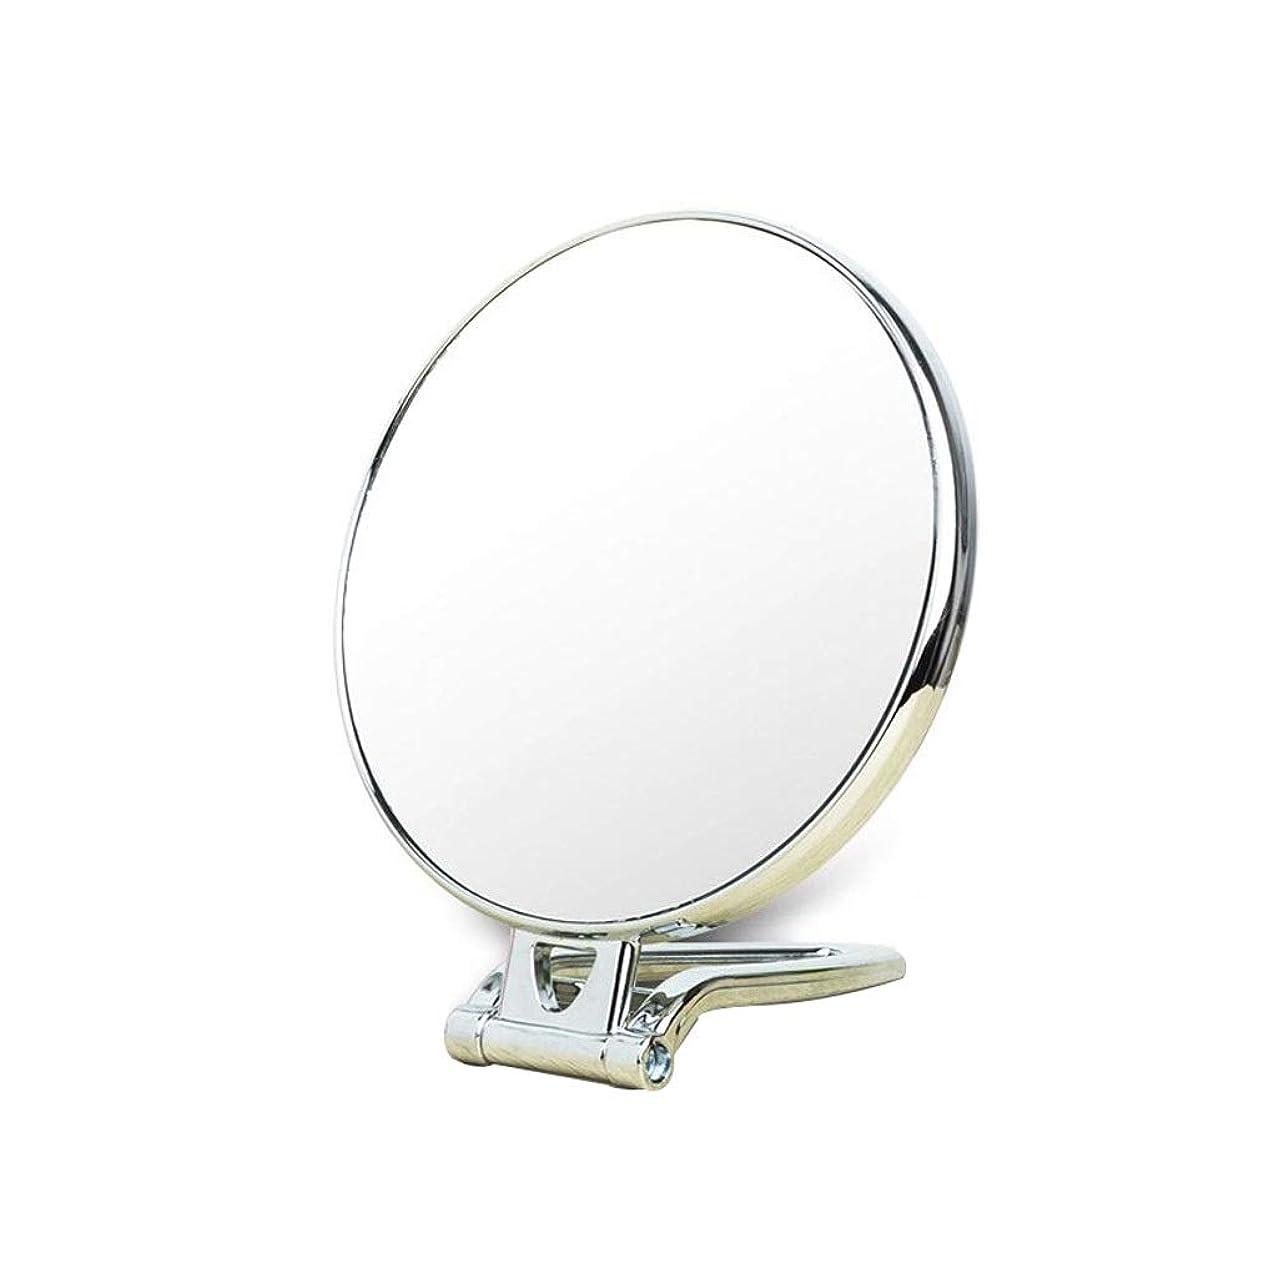 重くする牧師空Miaoliangliang 化粧化粧台、1倍/ 3倍倍率両面拡大鏡 - ハンドヘルド - 壁 - デスクトップ - 化粧鏡